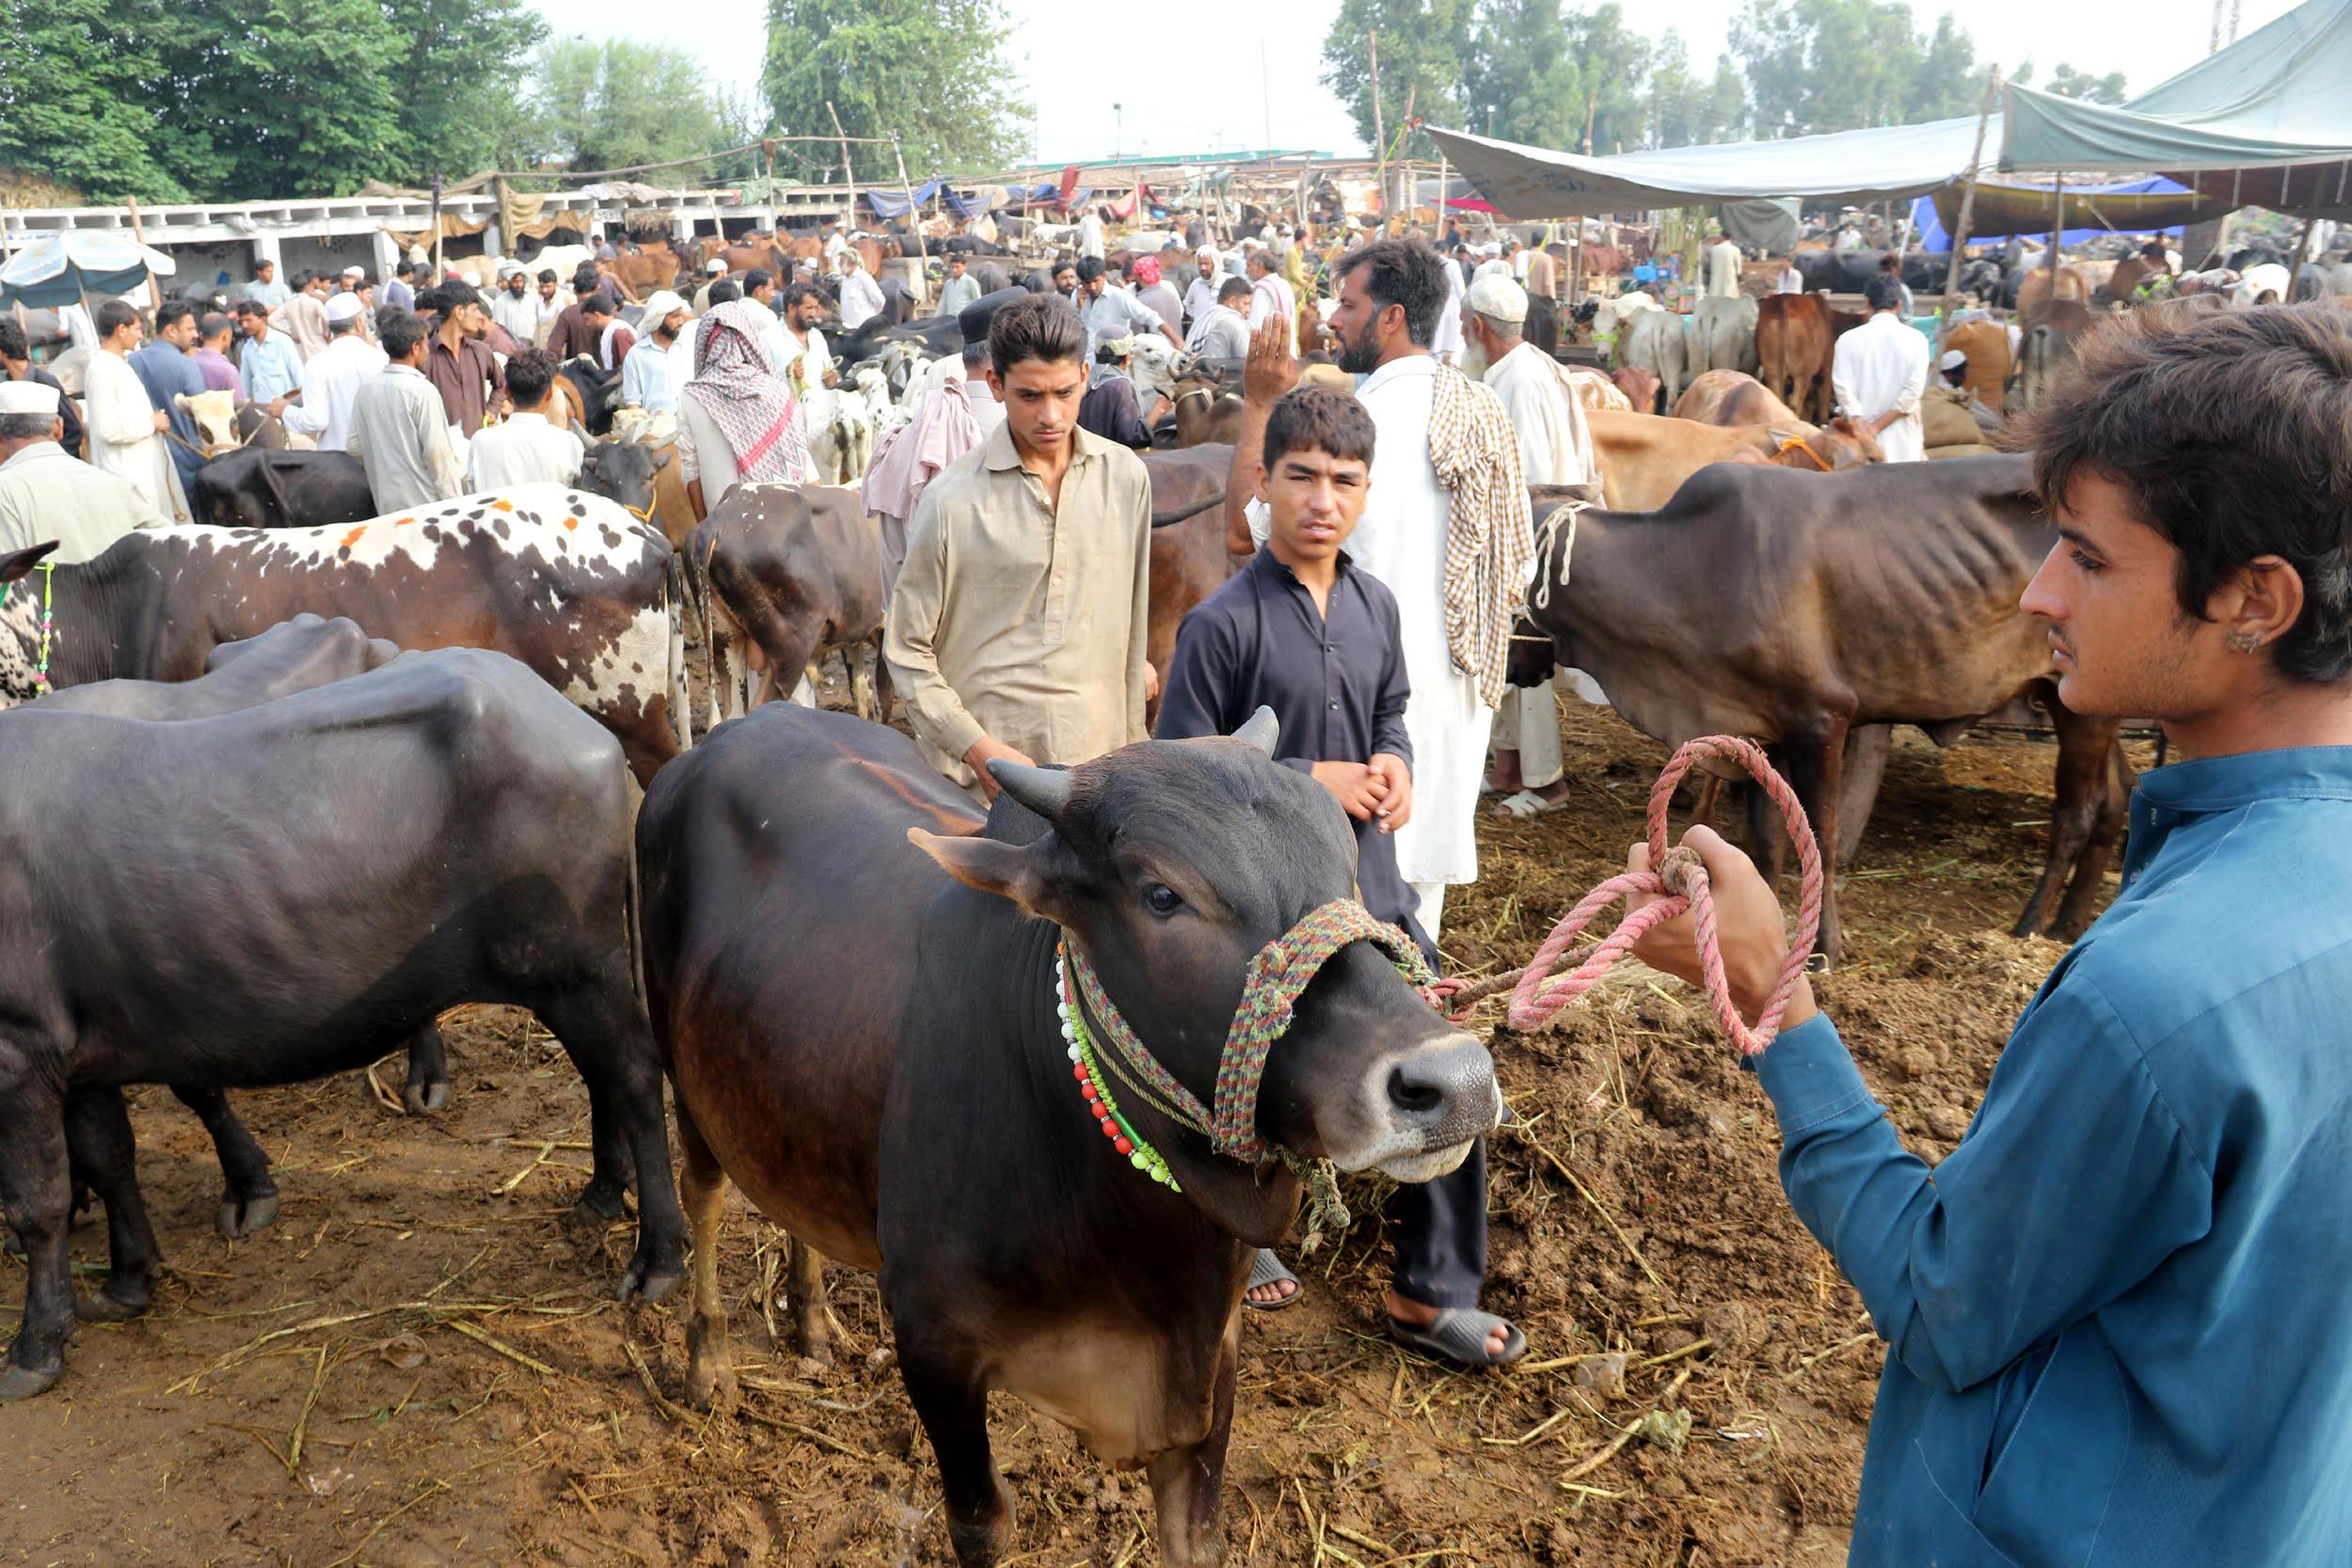 عید سے قبل پاکستان بھر میں سیکیورٹی اقدامات میں اضافہ